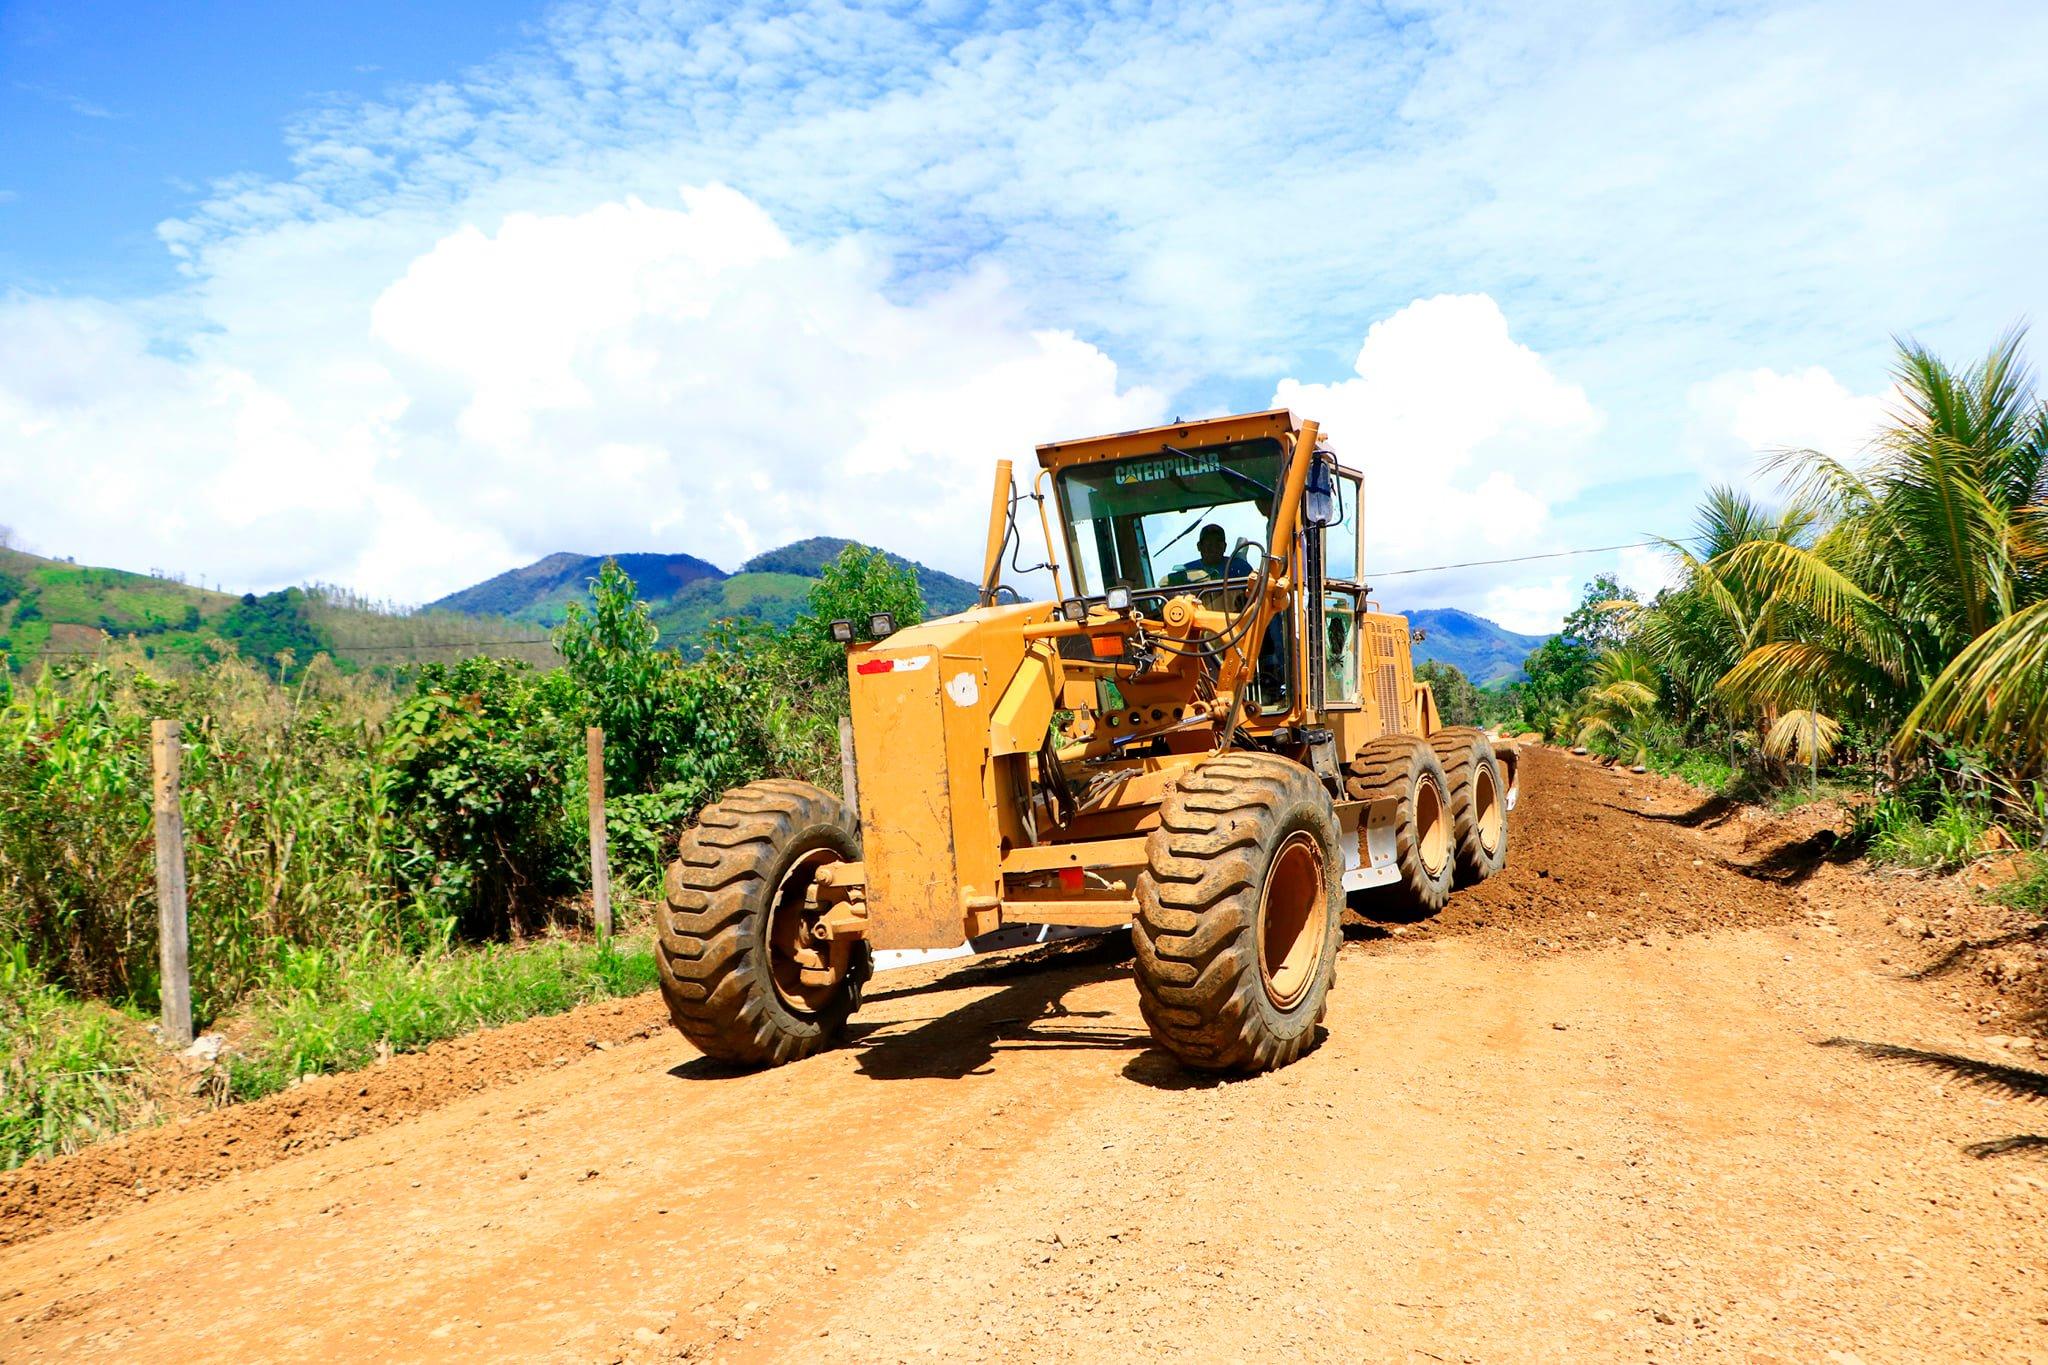 Vía alterna contribuirá al mejoramiento de la economía en agricultores y transportistas